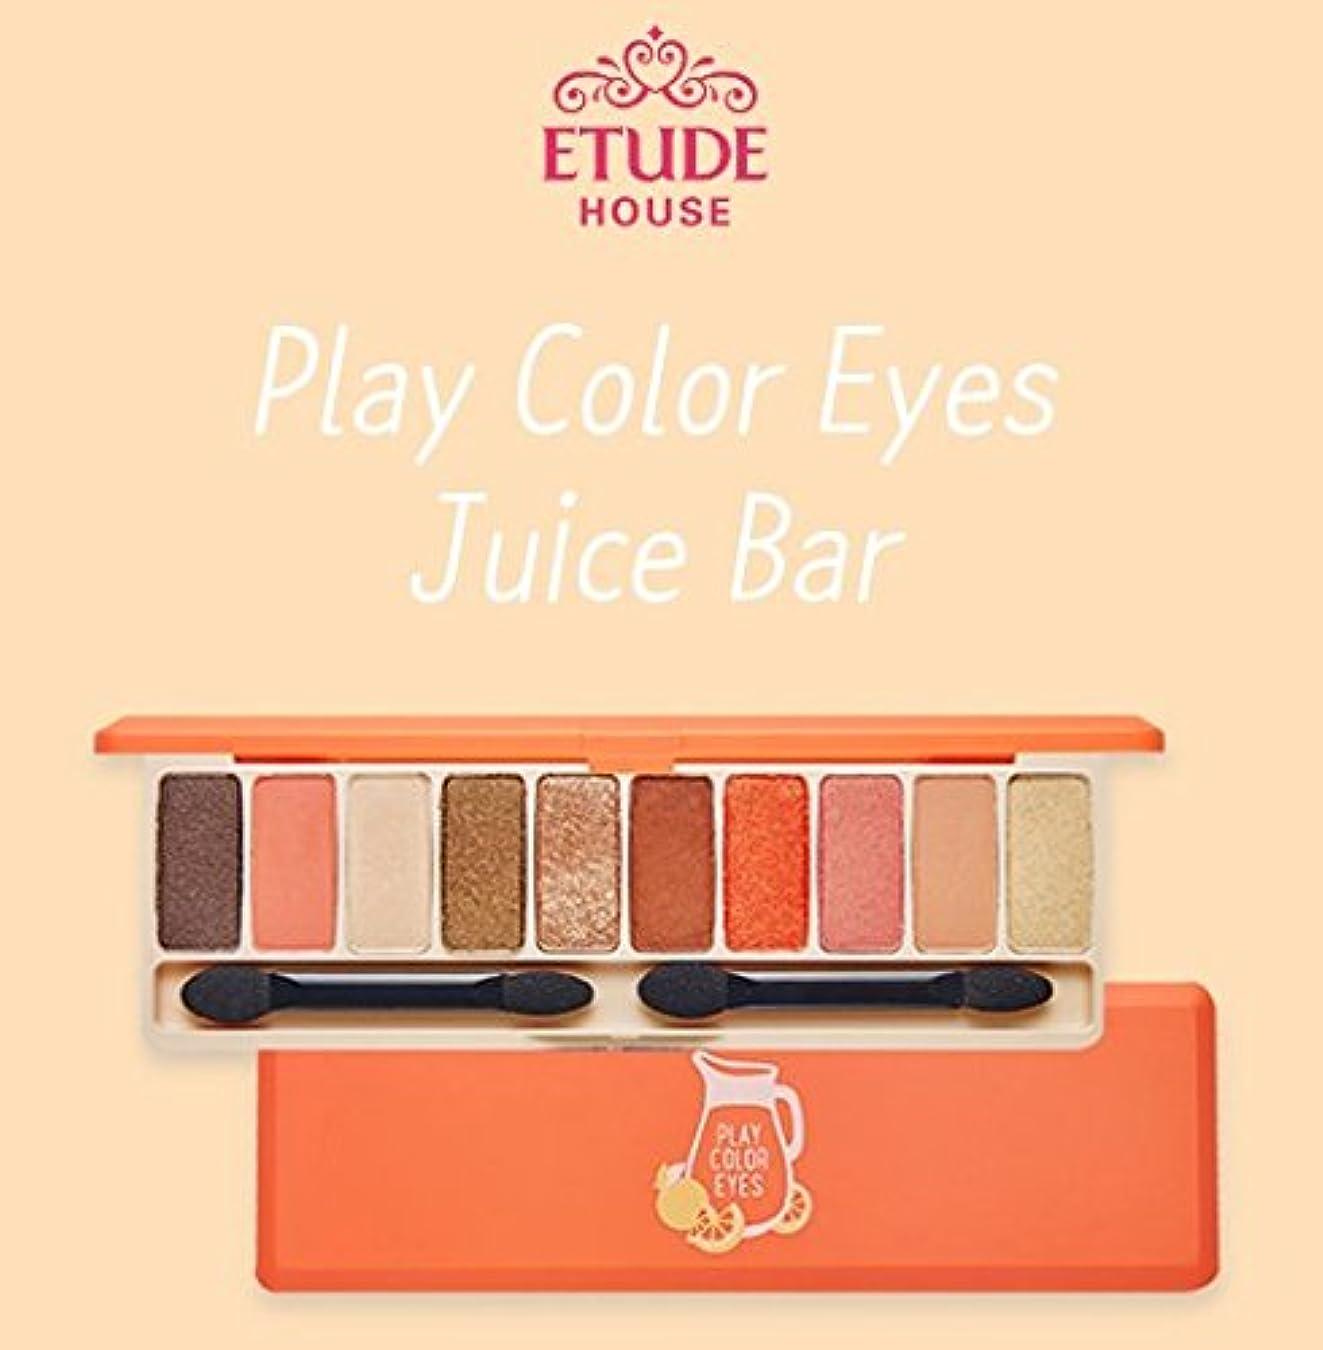 離れた上流のクリック[Etude House] ジュース バー アイシャドウ Play Color Eyes Juice Bar